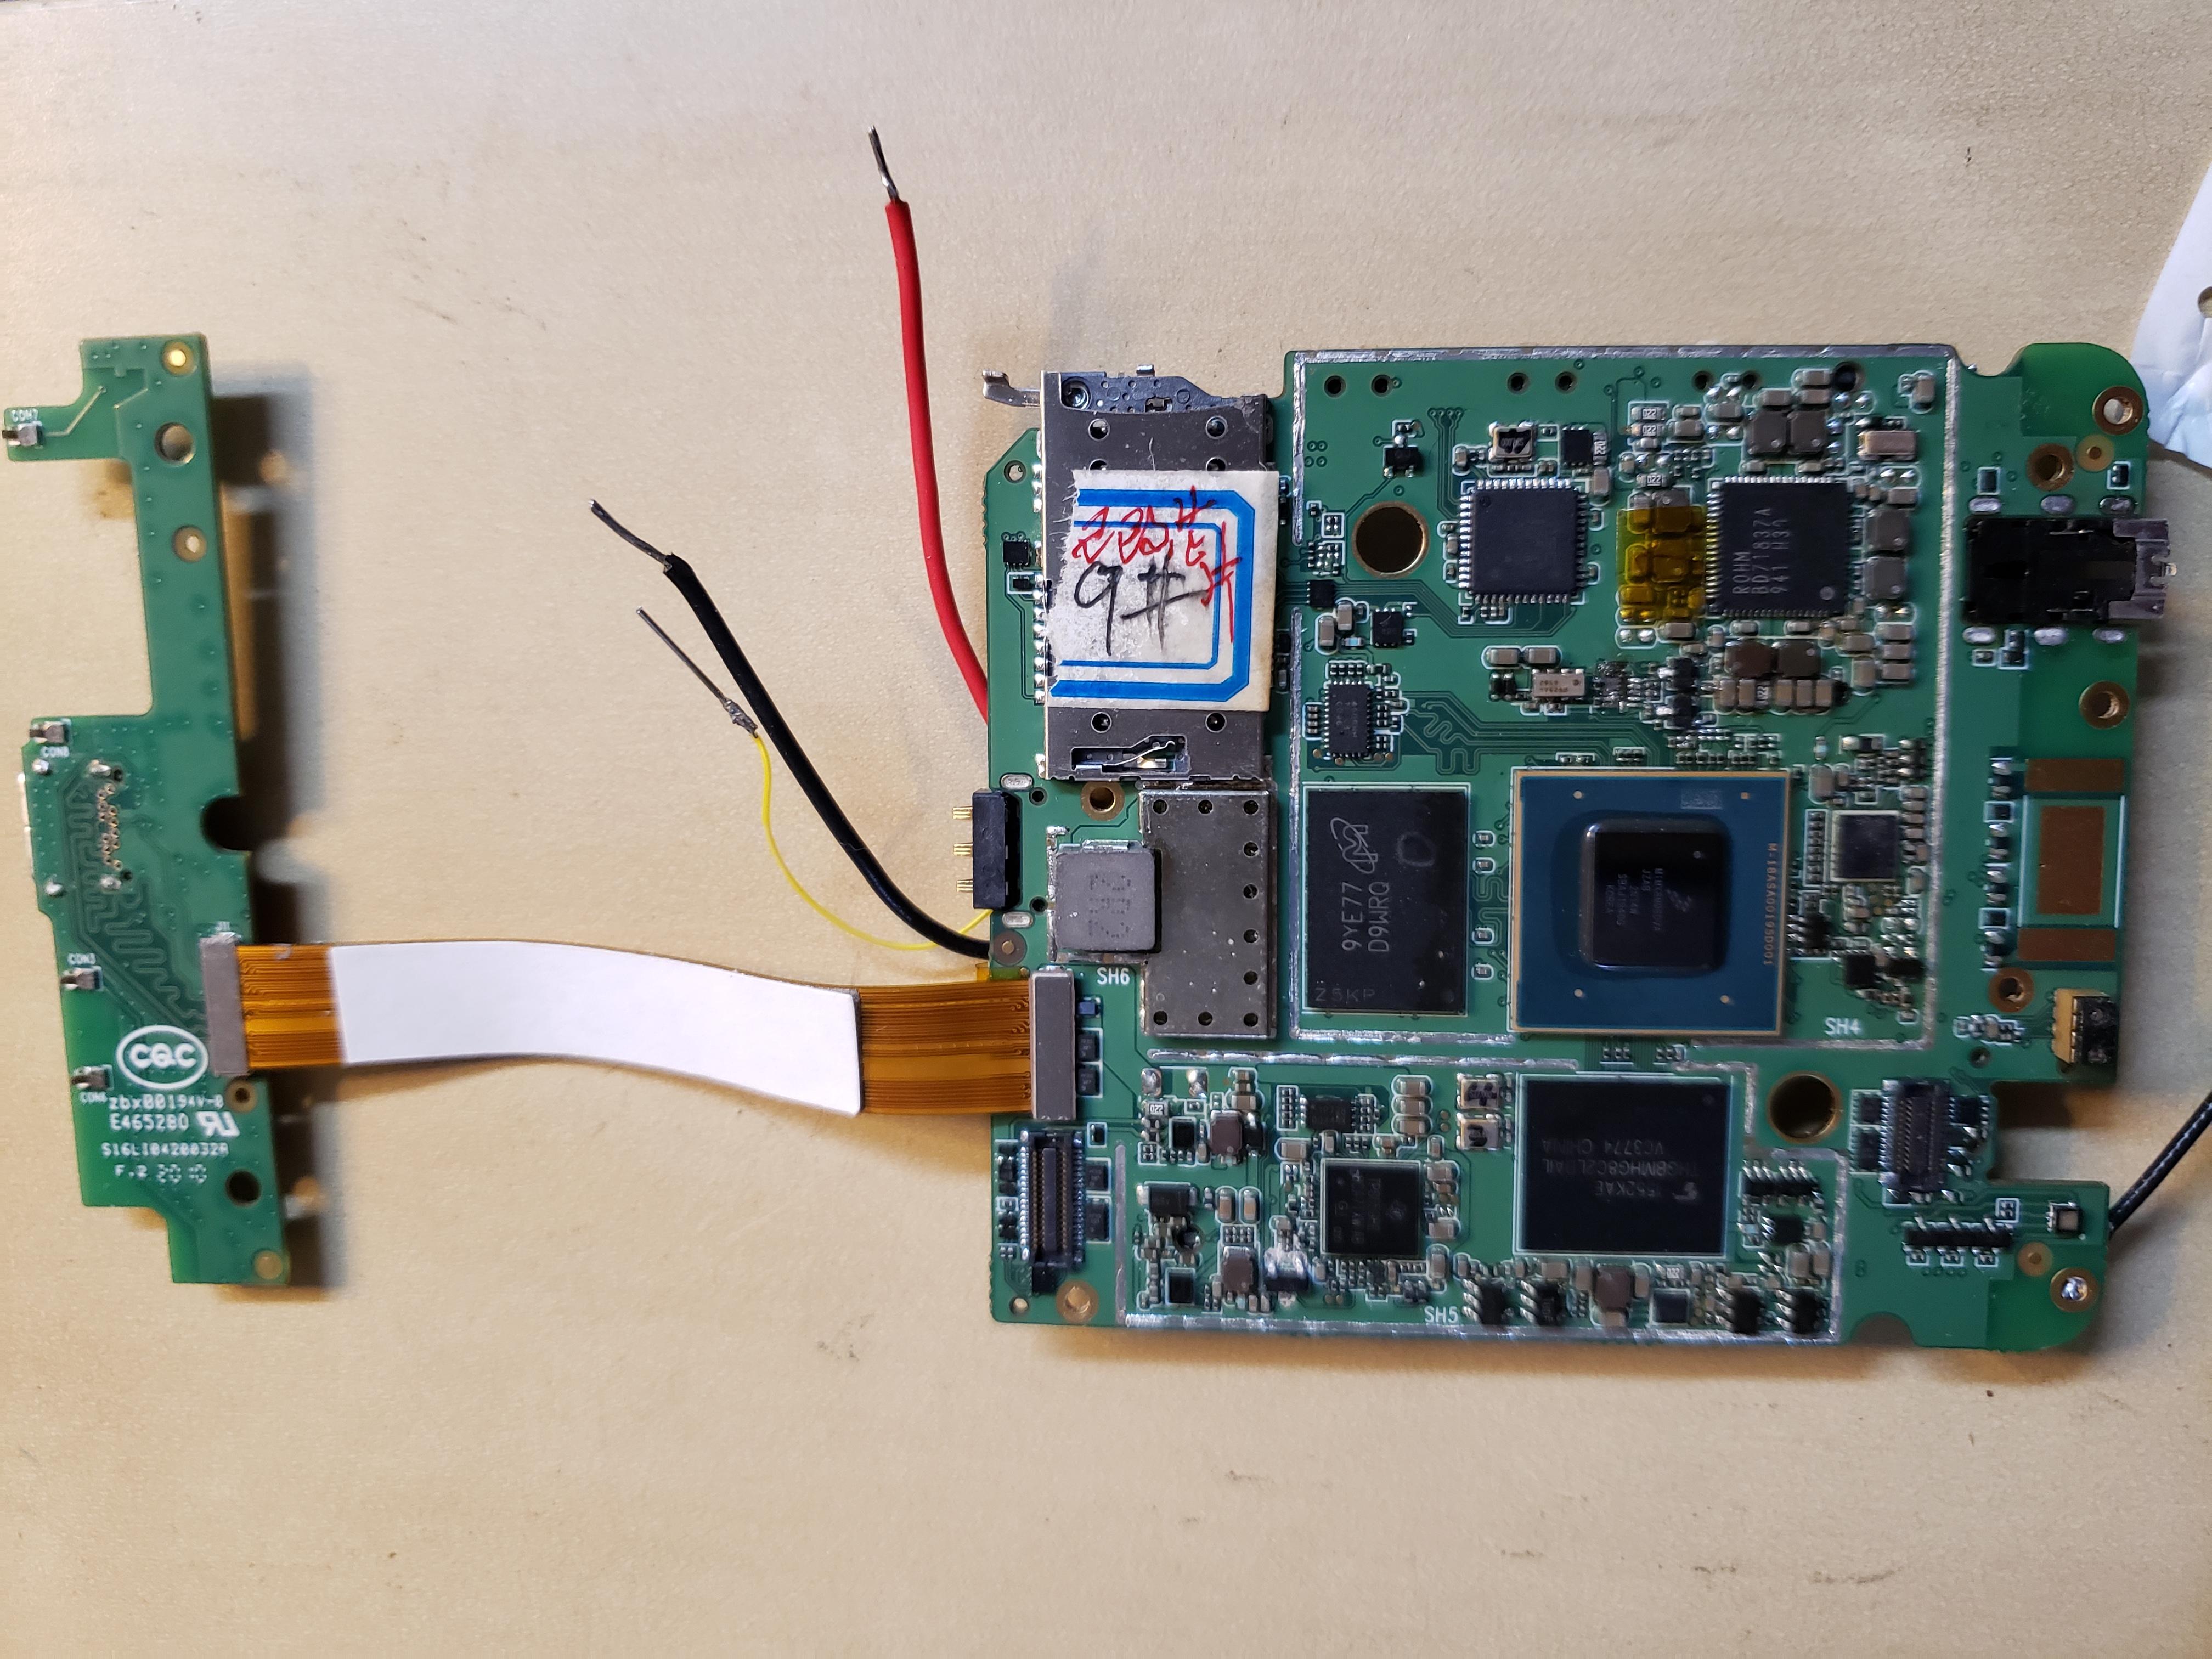 Dogwood PCB CPU side up